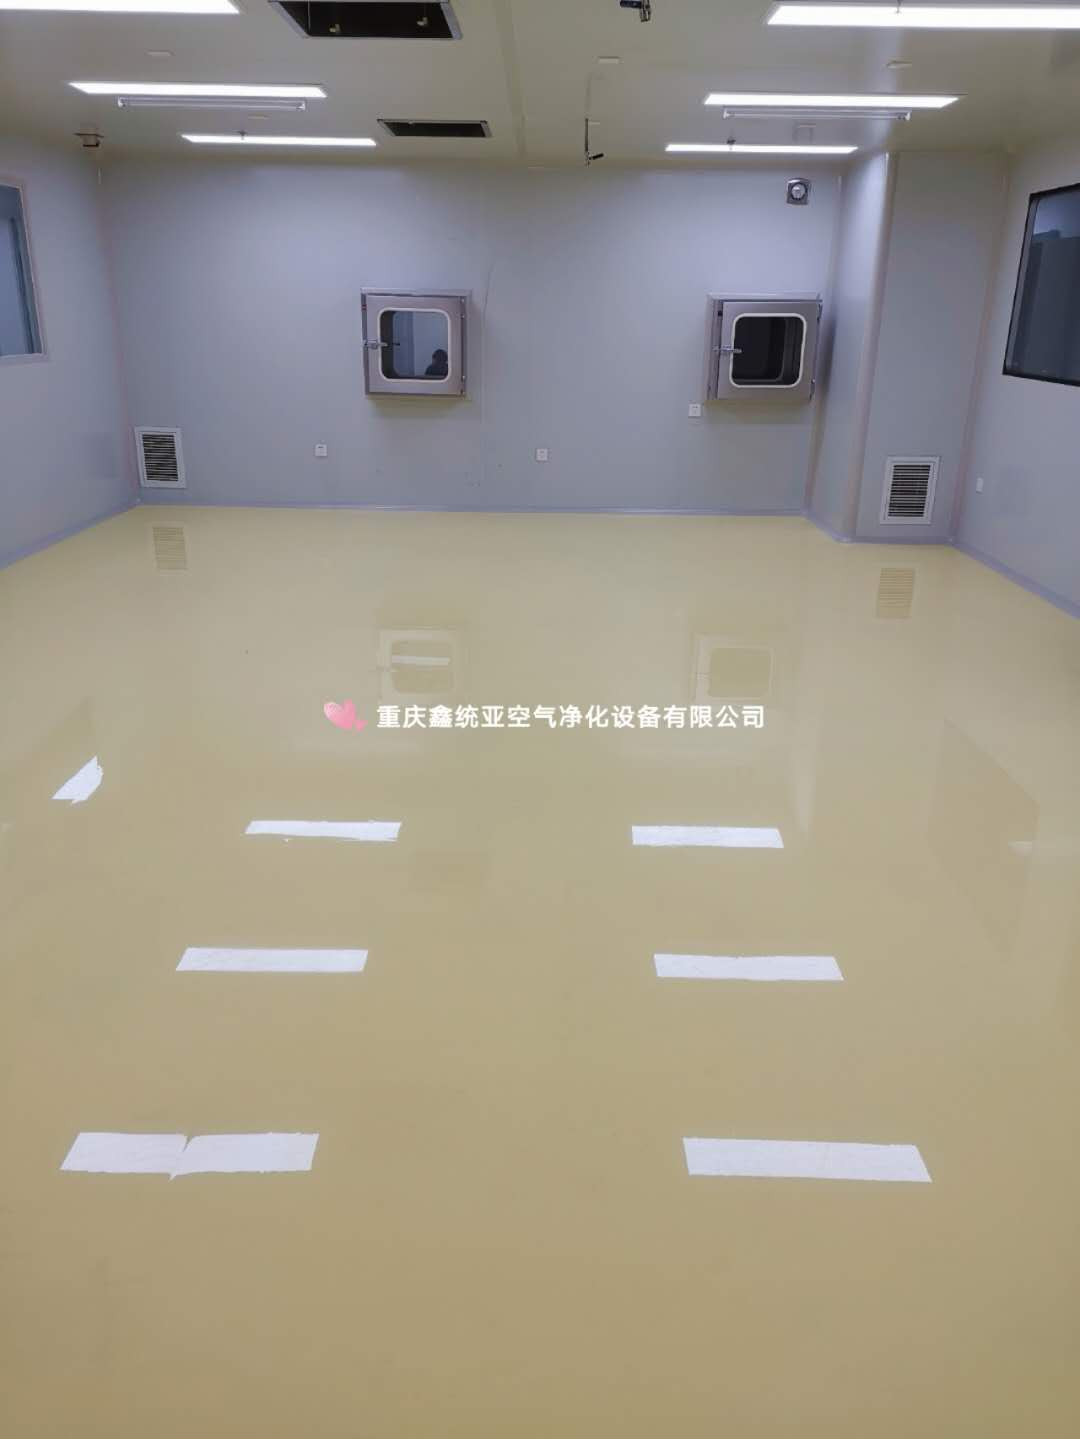 优康森医疗科技(重庆)有限公司净化车间图片